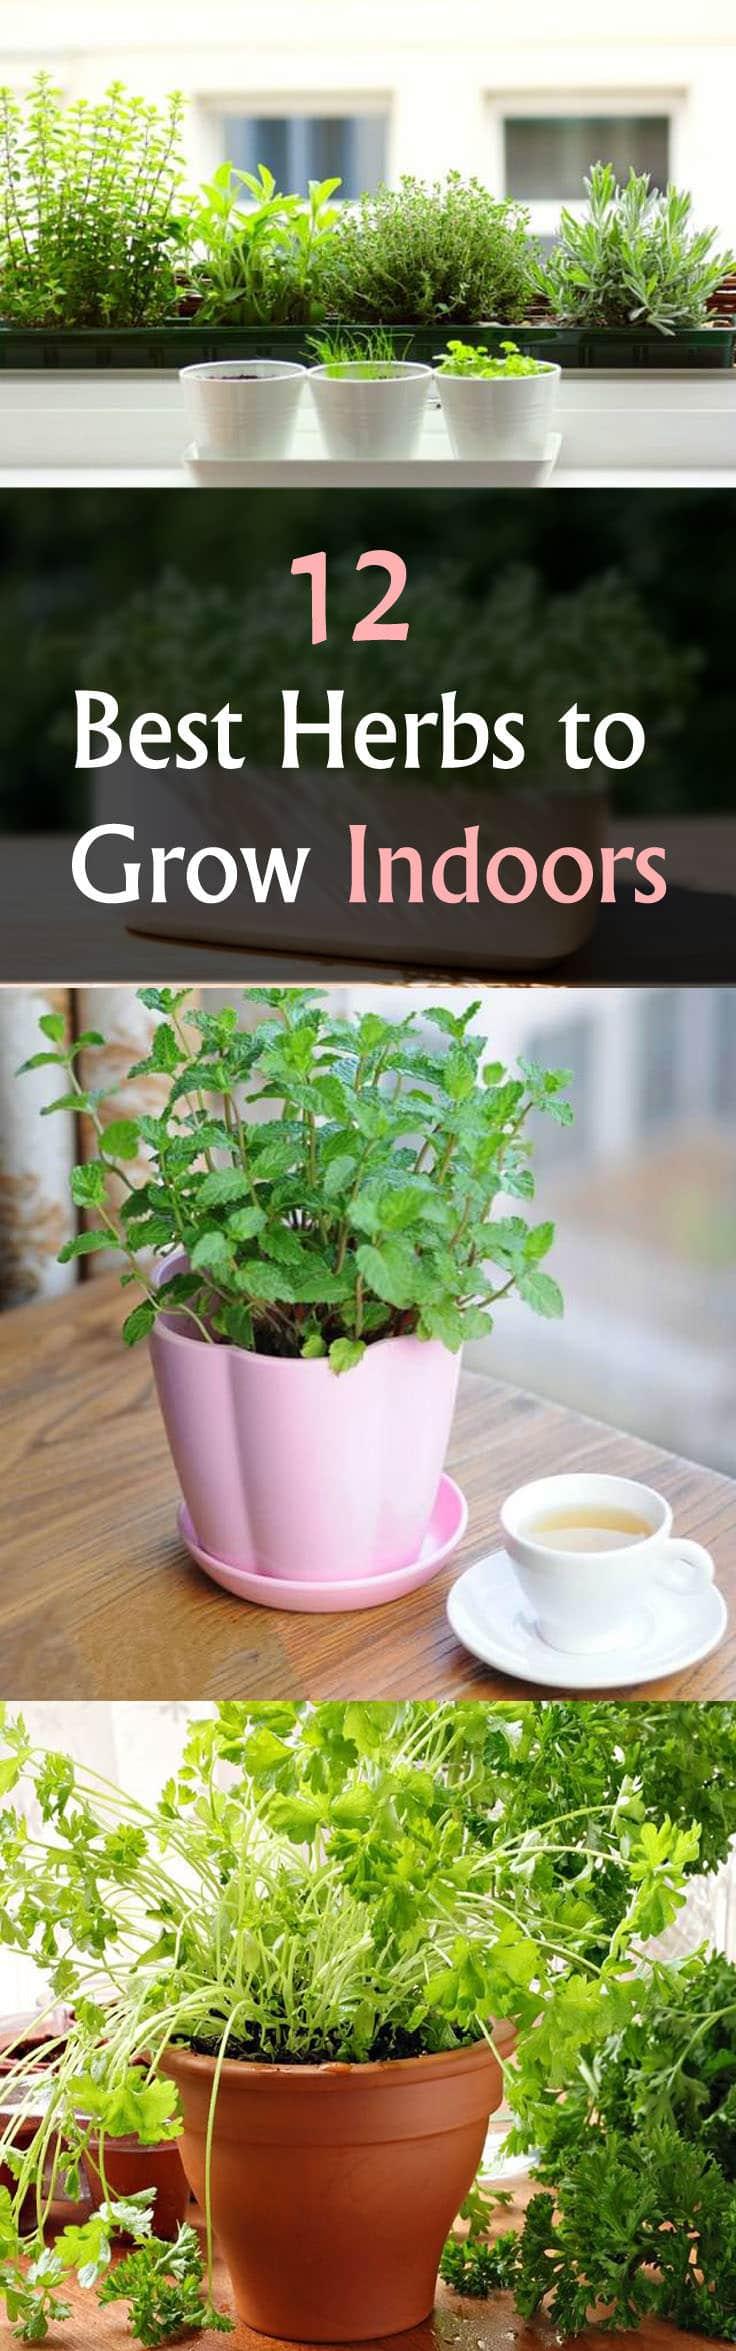 12 best herbs to grow indoors indoor herbs balcony - Herbs that can be grown indoors ...